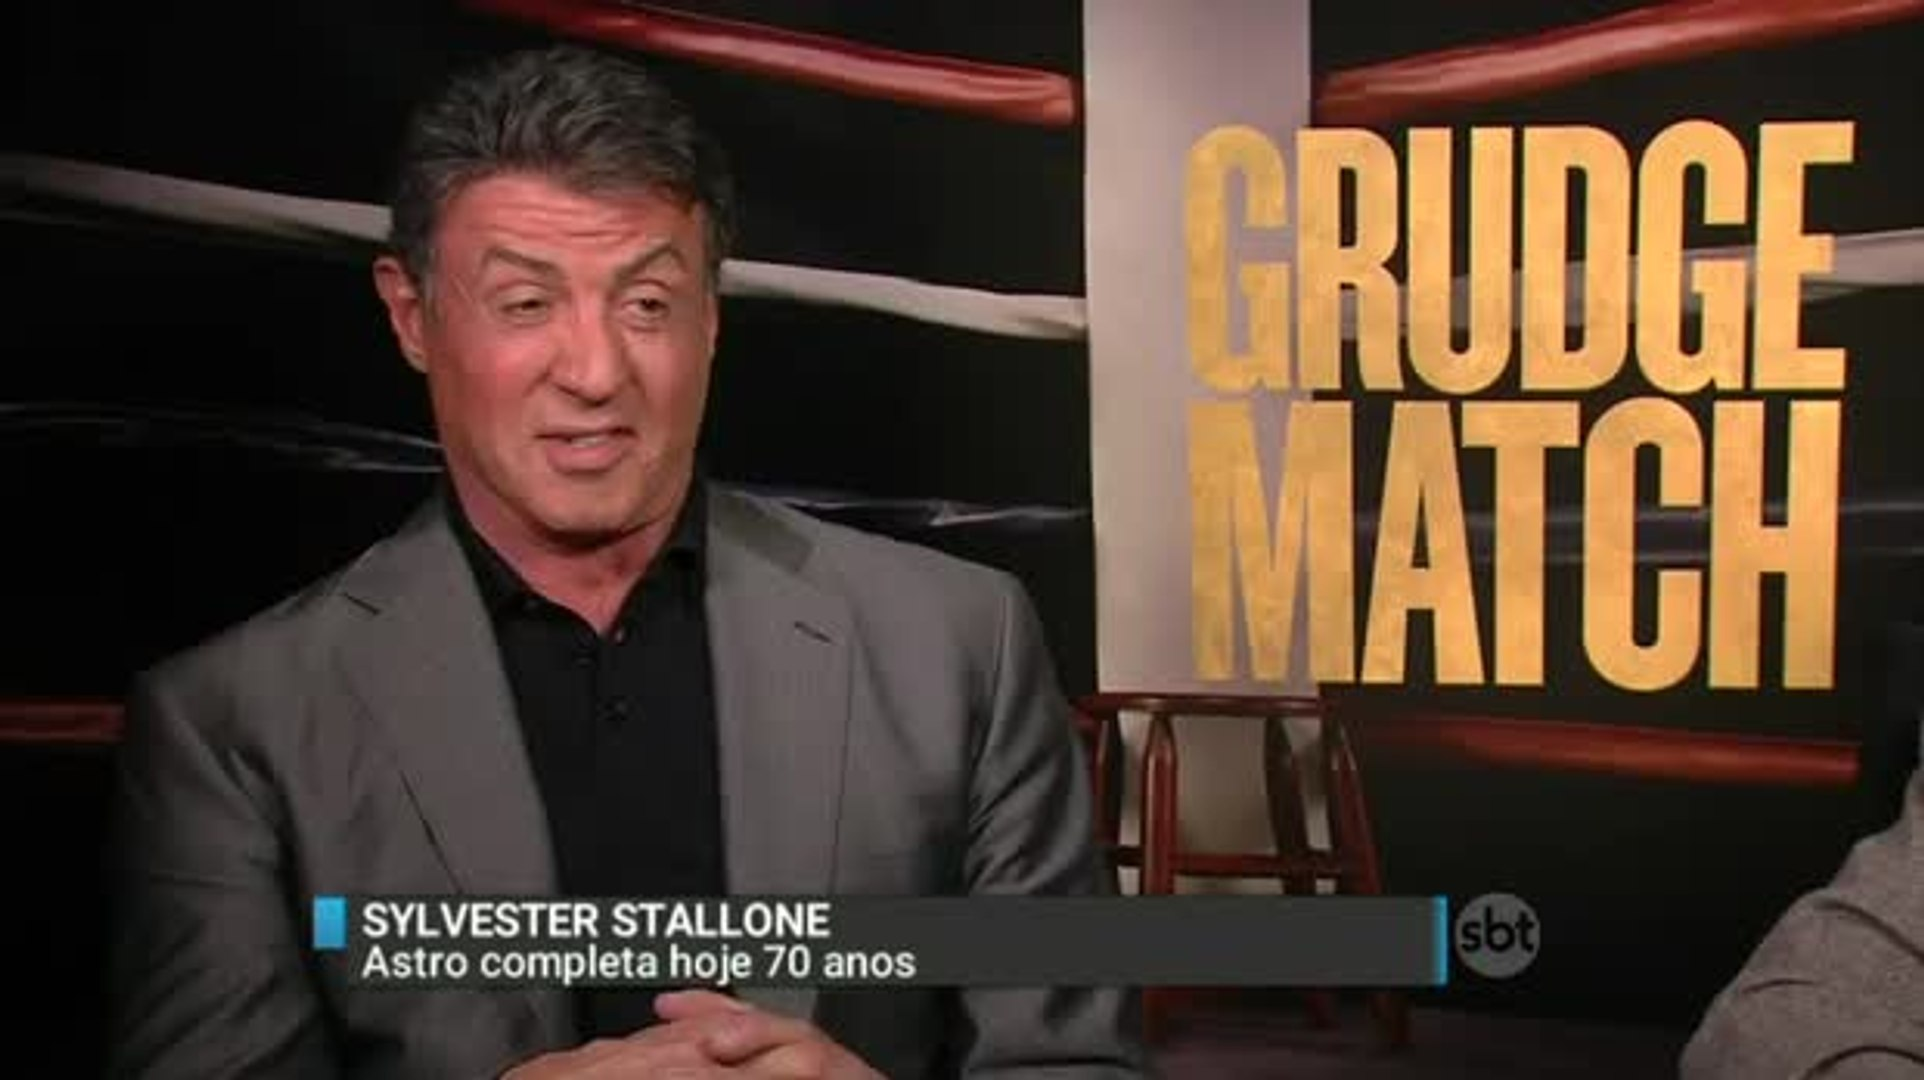 Mesmo aos 70 anos, Sylvester Stallone ainda é símbolo dos filmes de ação